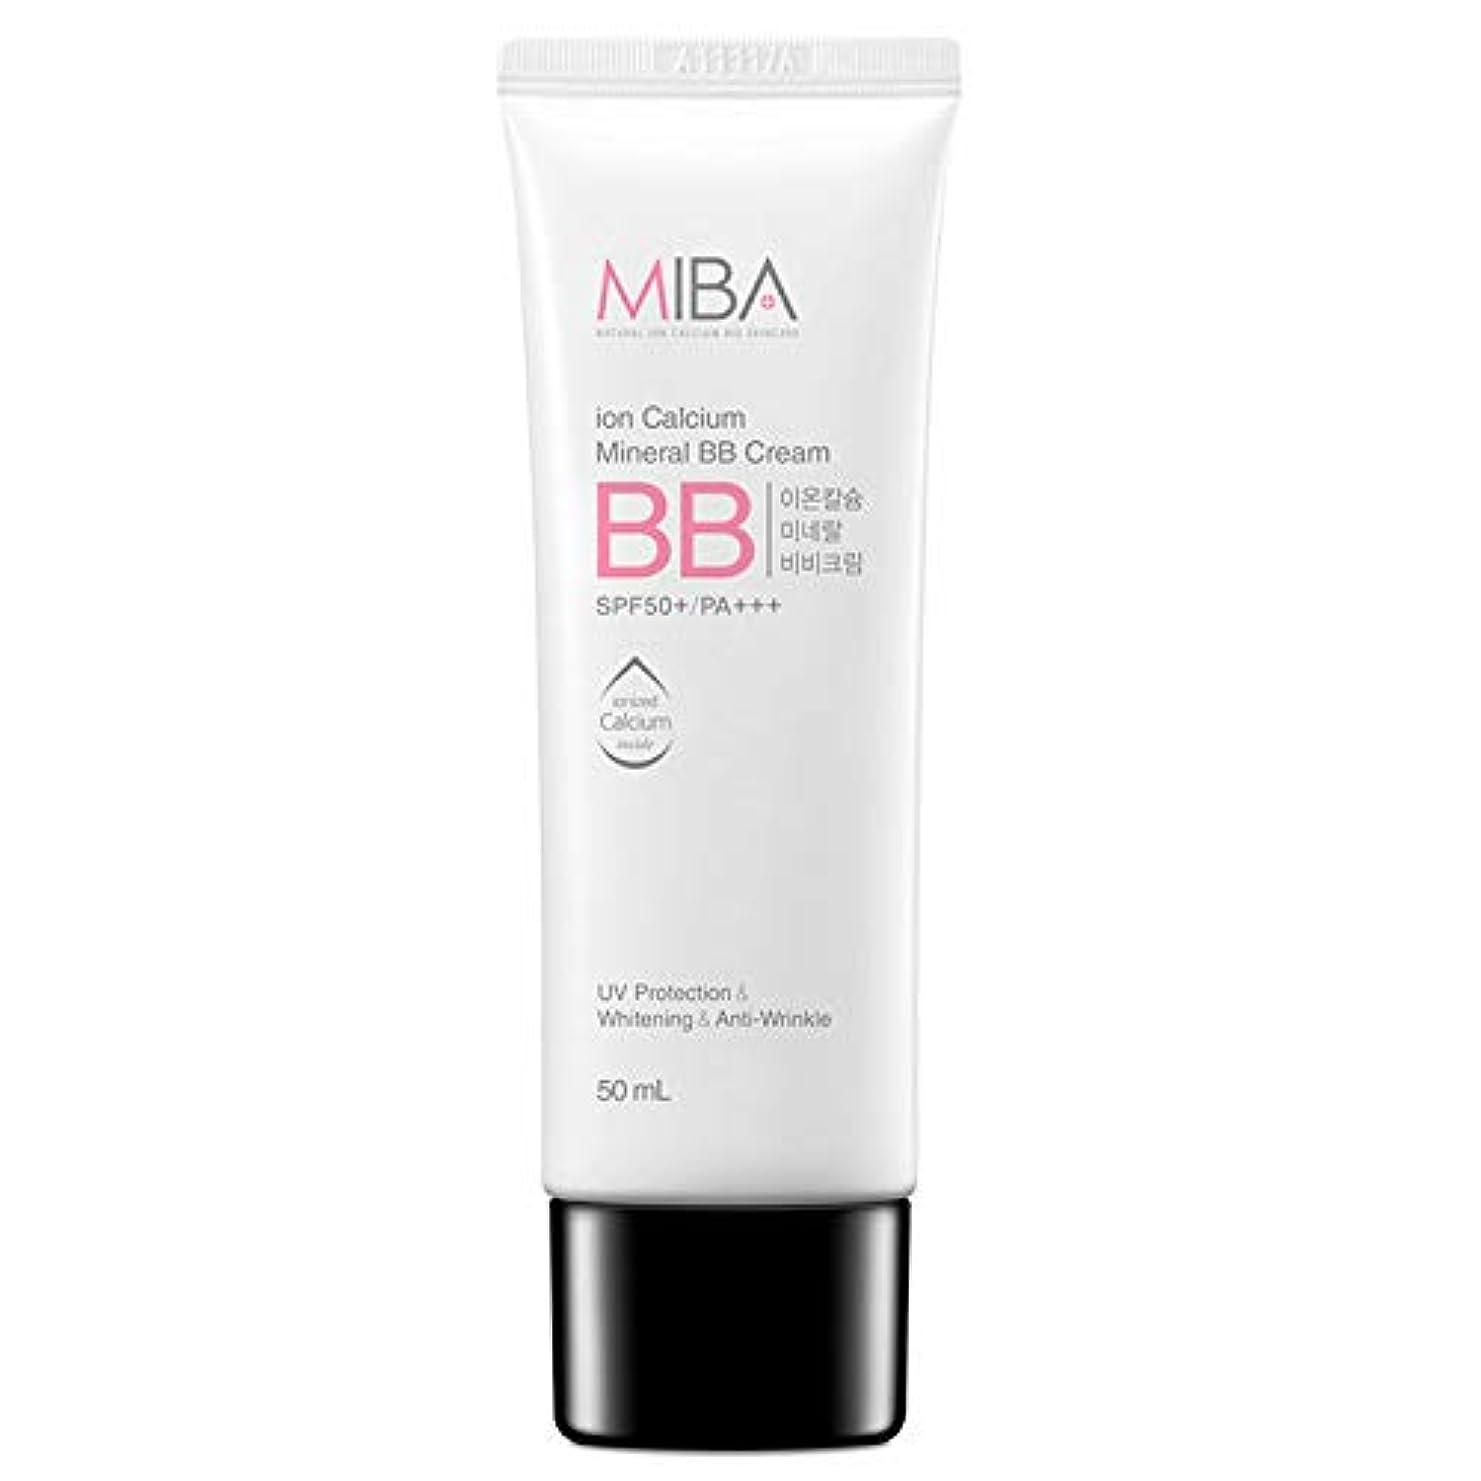 外交問題周波数協同スキンDr ミバ IC ミネラルBBクリーム SPF50+/ PA+++ / MIBA Ion Calcium Mineral BB Cream [正規品]